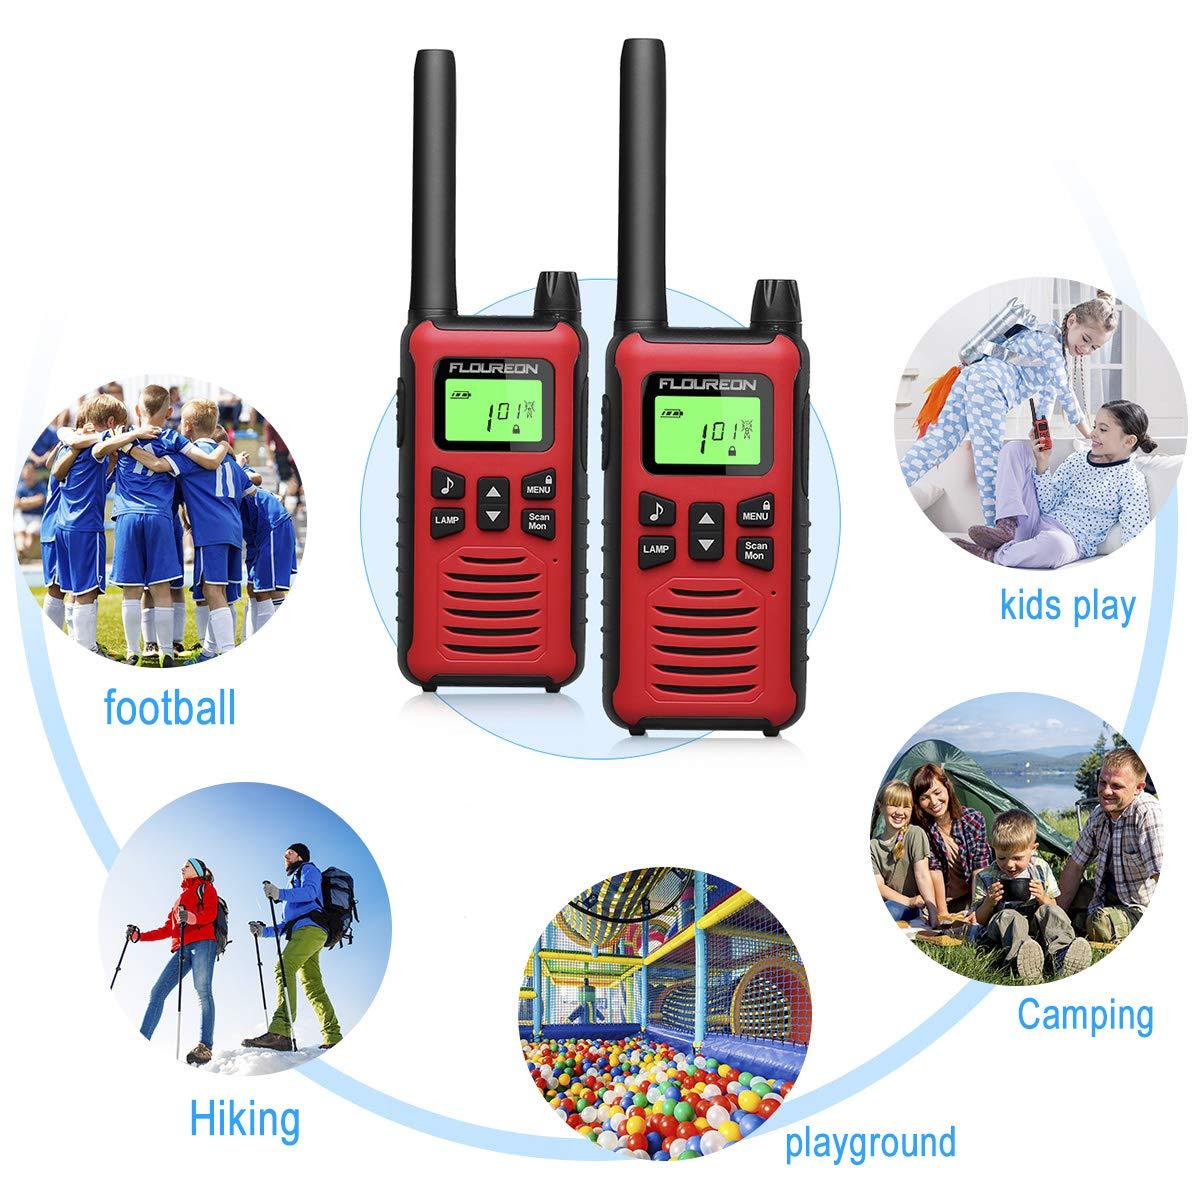 FLOUREON Walkie Talkies Kids Toy Interphone 2 Way Radio with LCD Display PMR 446MHZ Long Range Rechargeale for Field Survival Biking Hiking 1 Pair Red